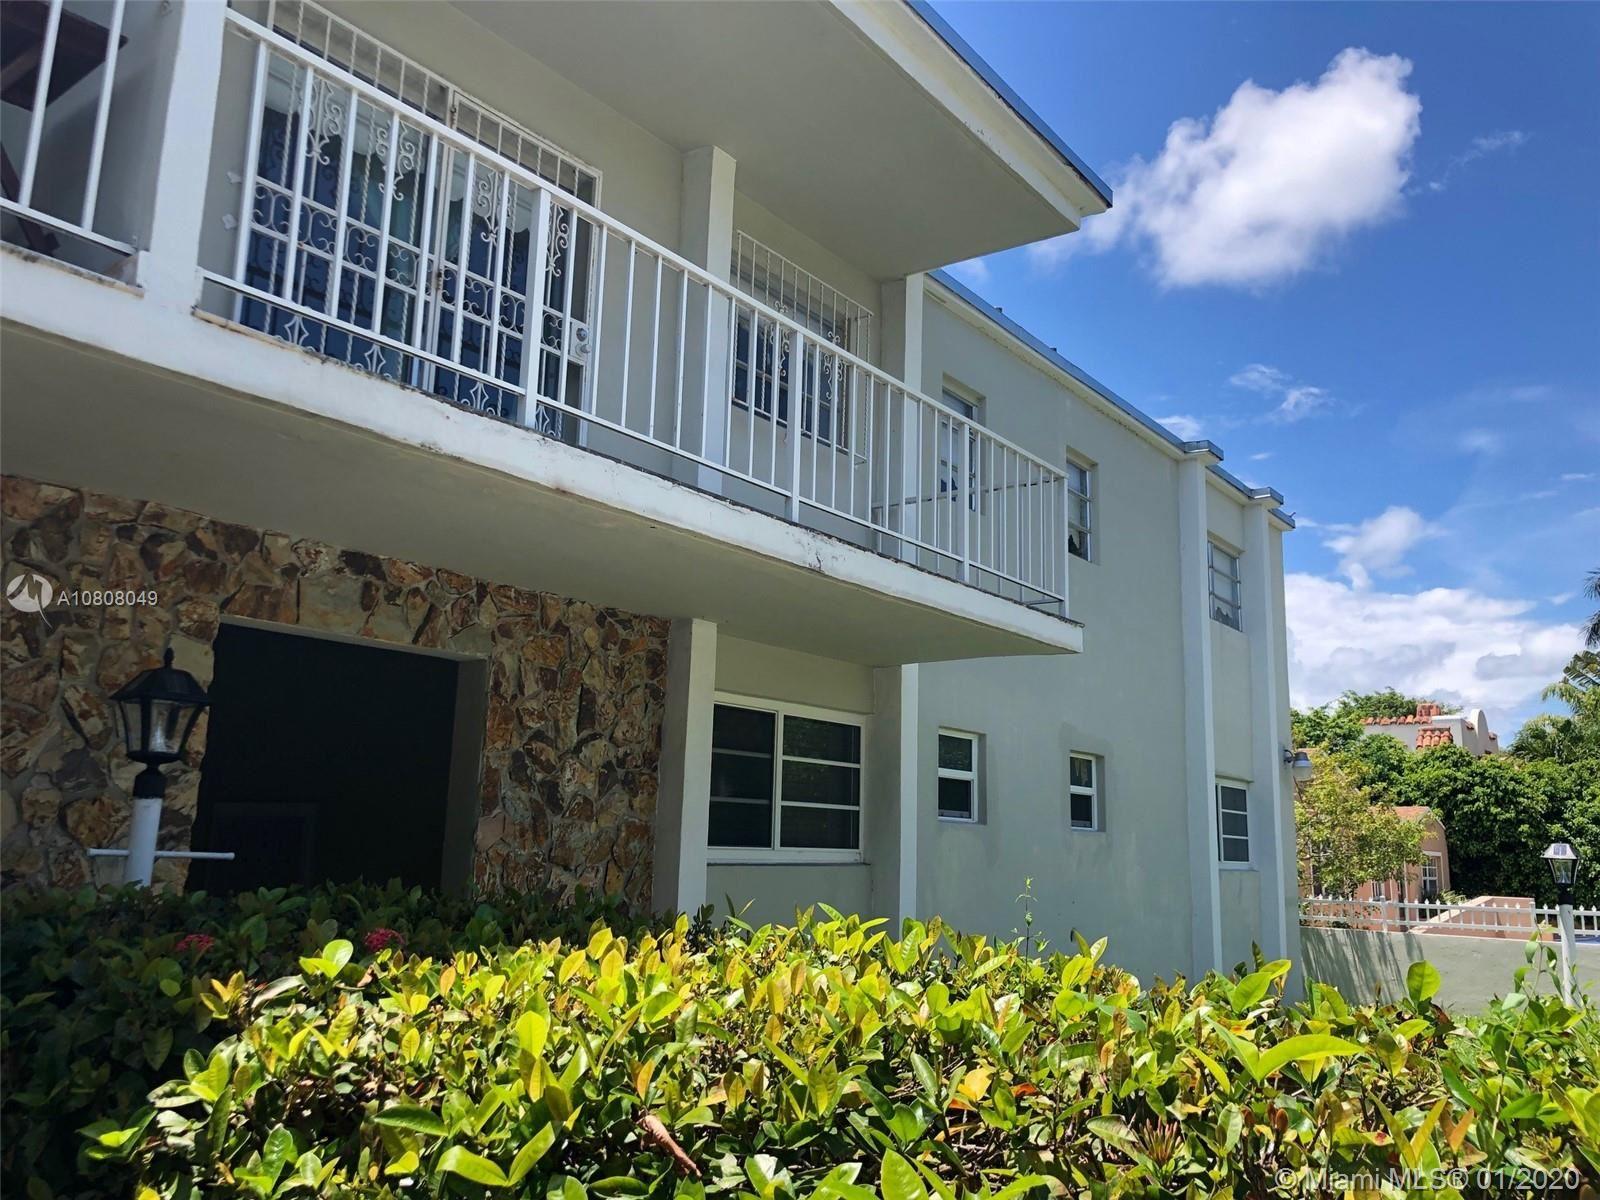 1740 Jefferson Ave #7, Miami Beach, FL 33139 - #: A10808049